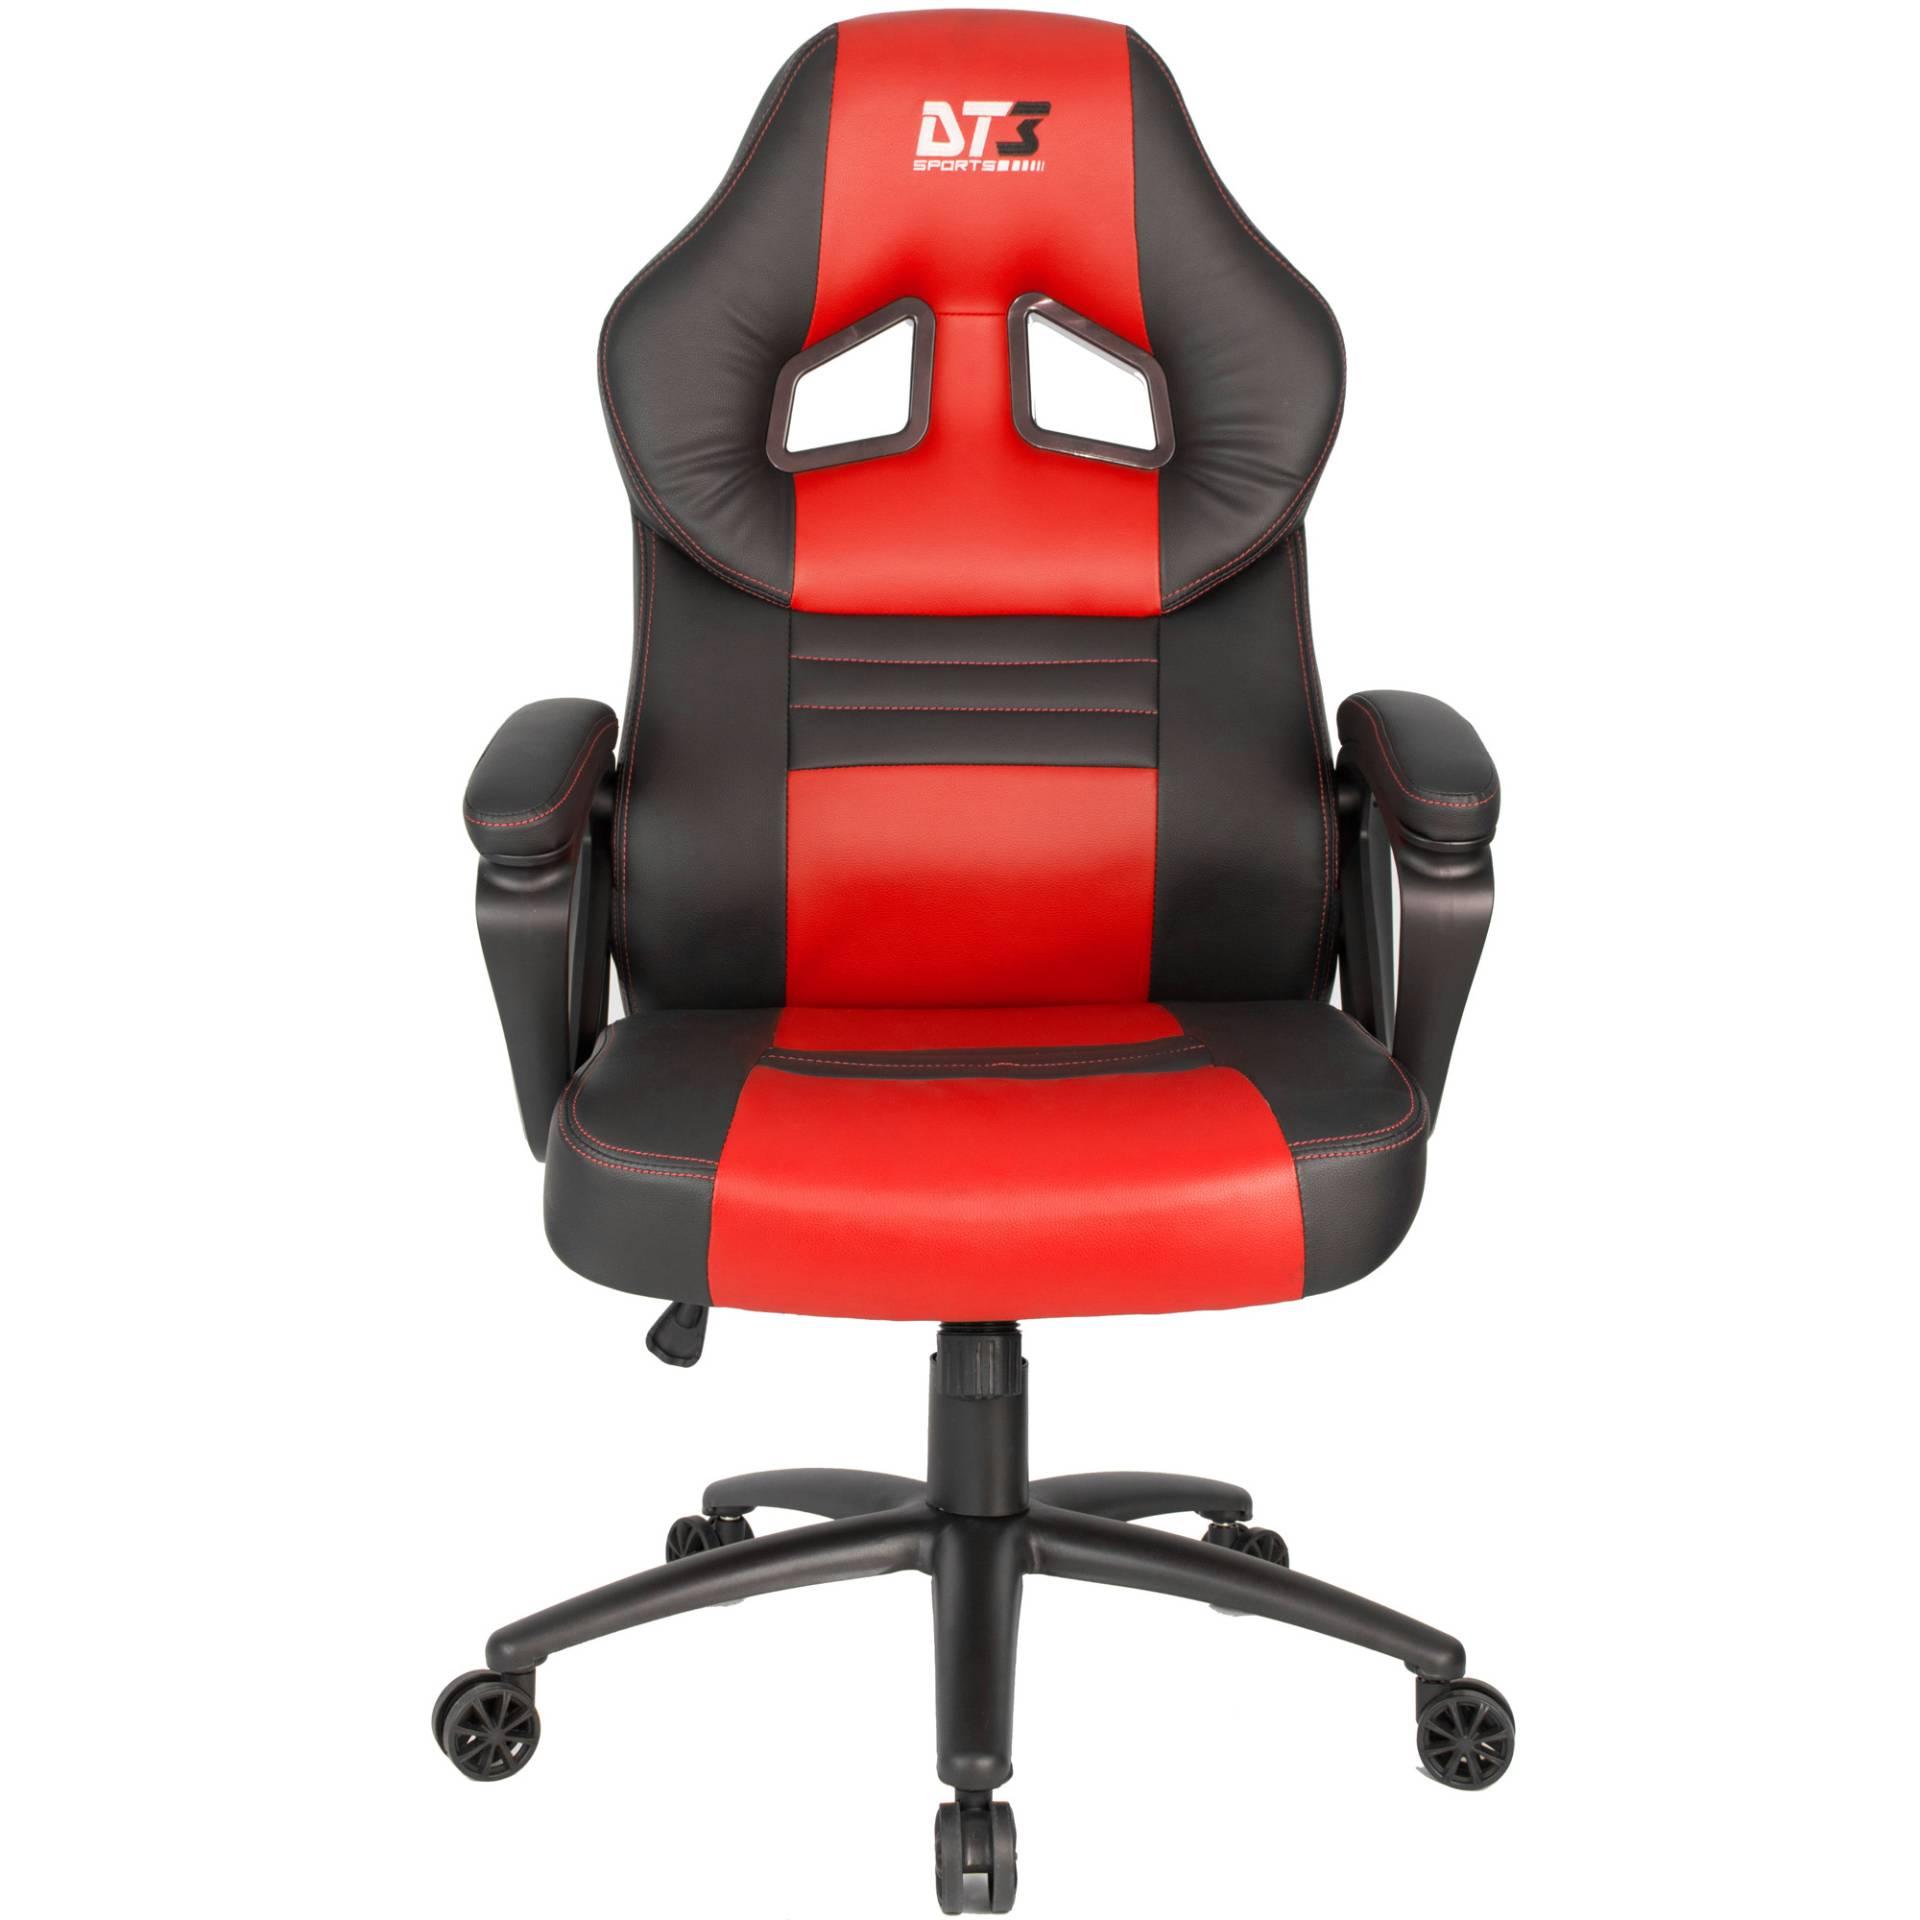 A DT3 Sports GTS é uma cadeira gamer barata com funções avançadas (Fonte: Divulgação/DT3 Sports)